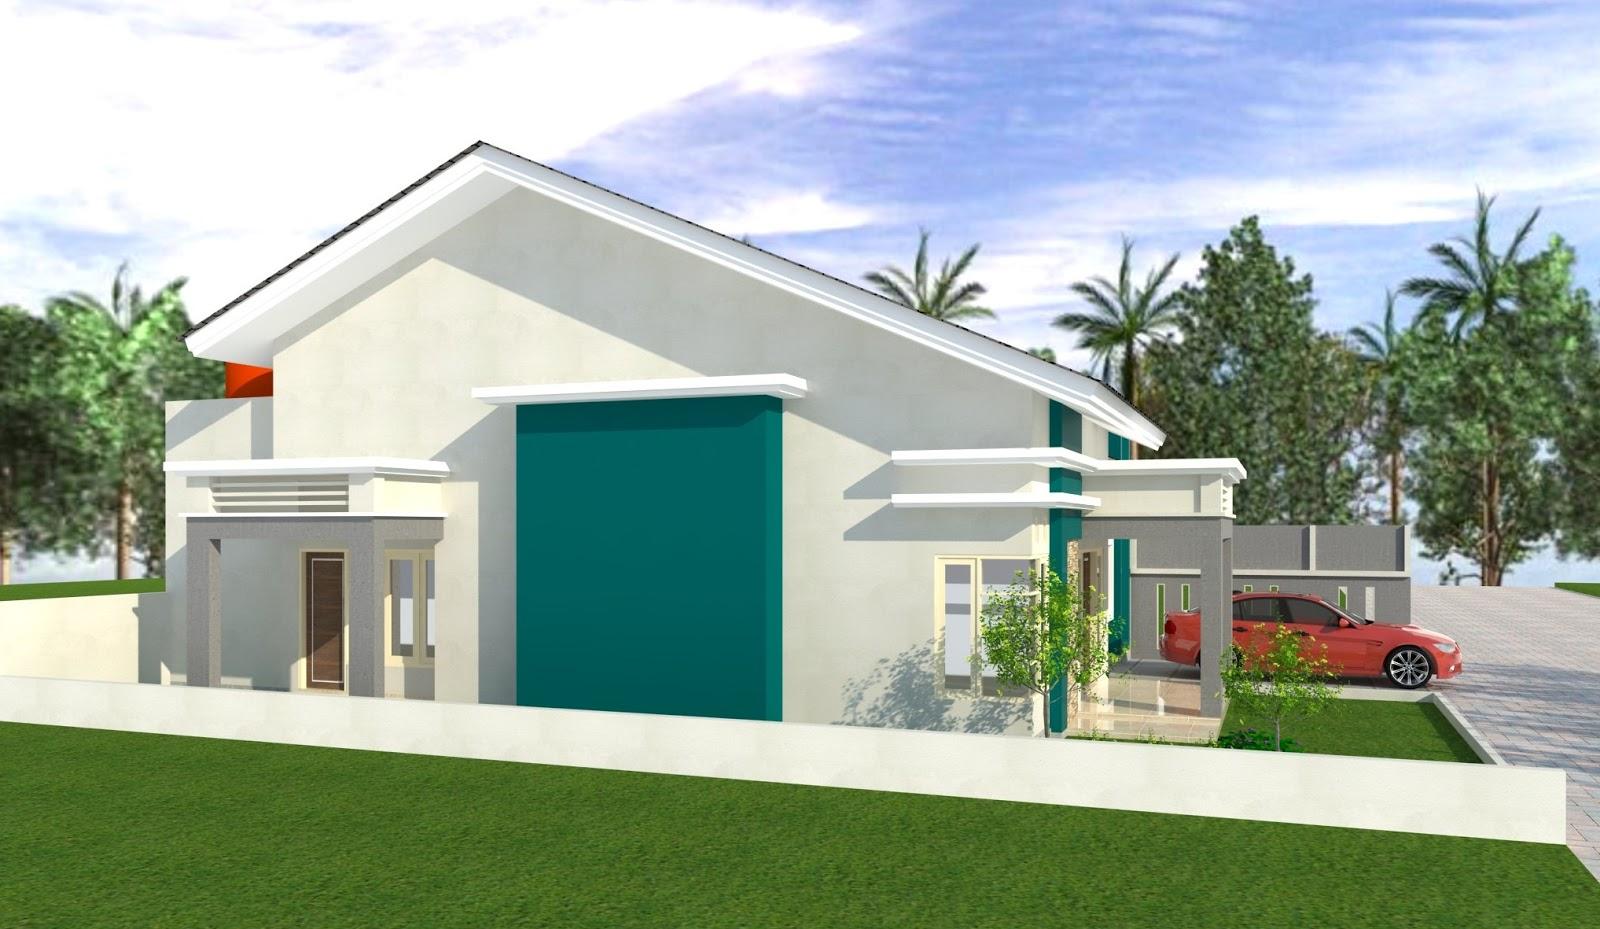 Desain Rumah Type 100  Milik Pak Daud Padang Jasa